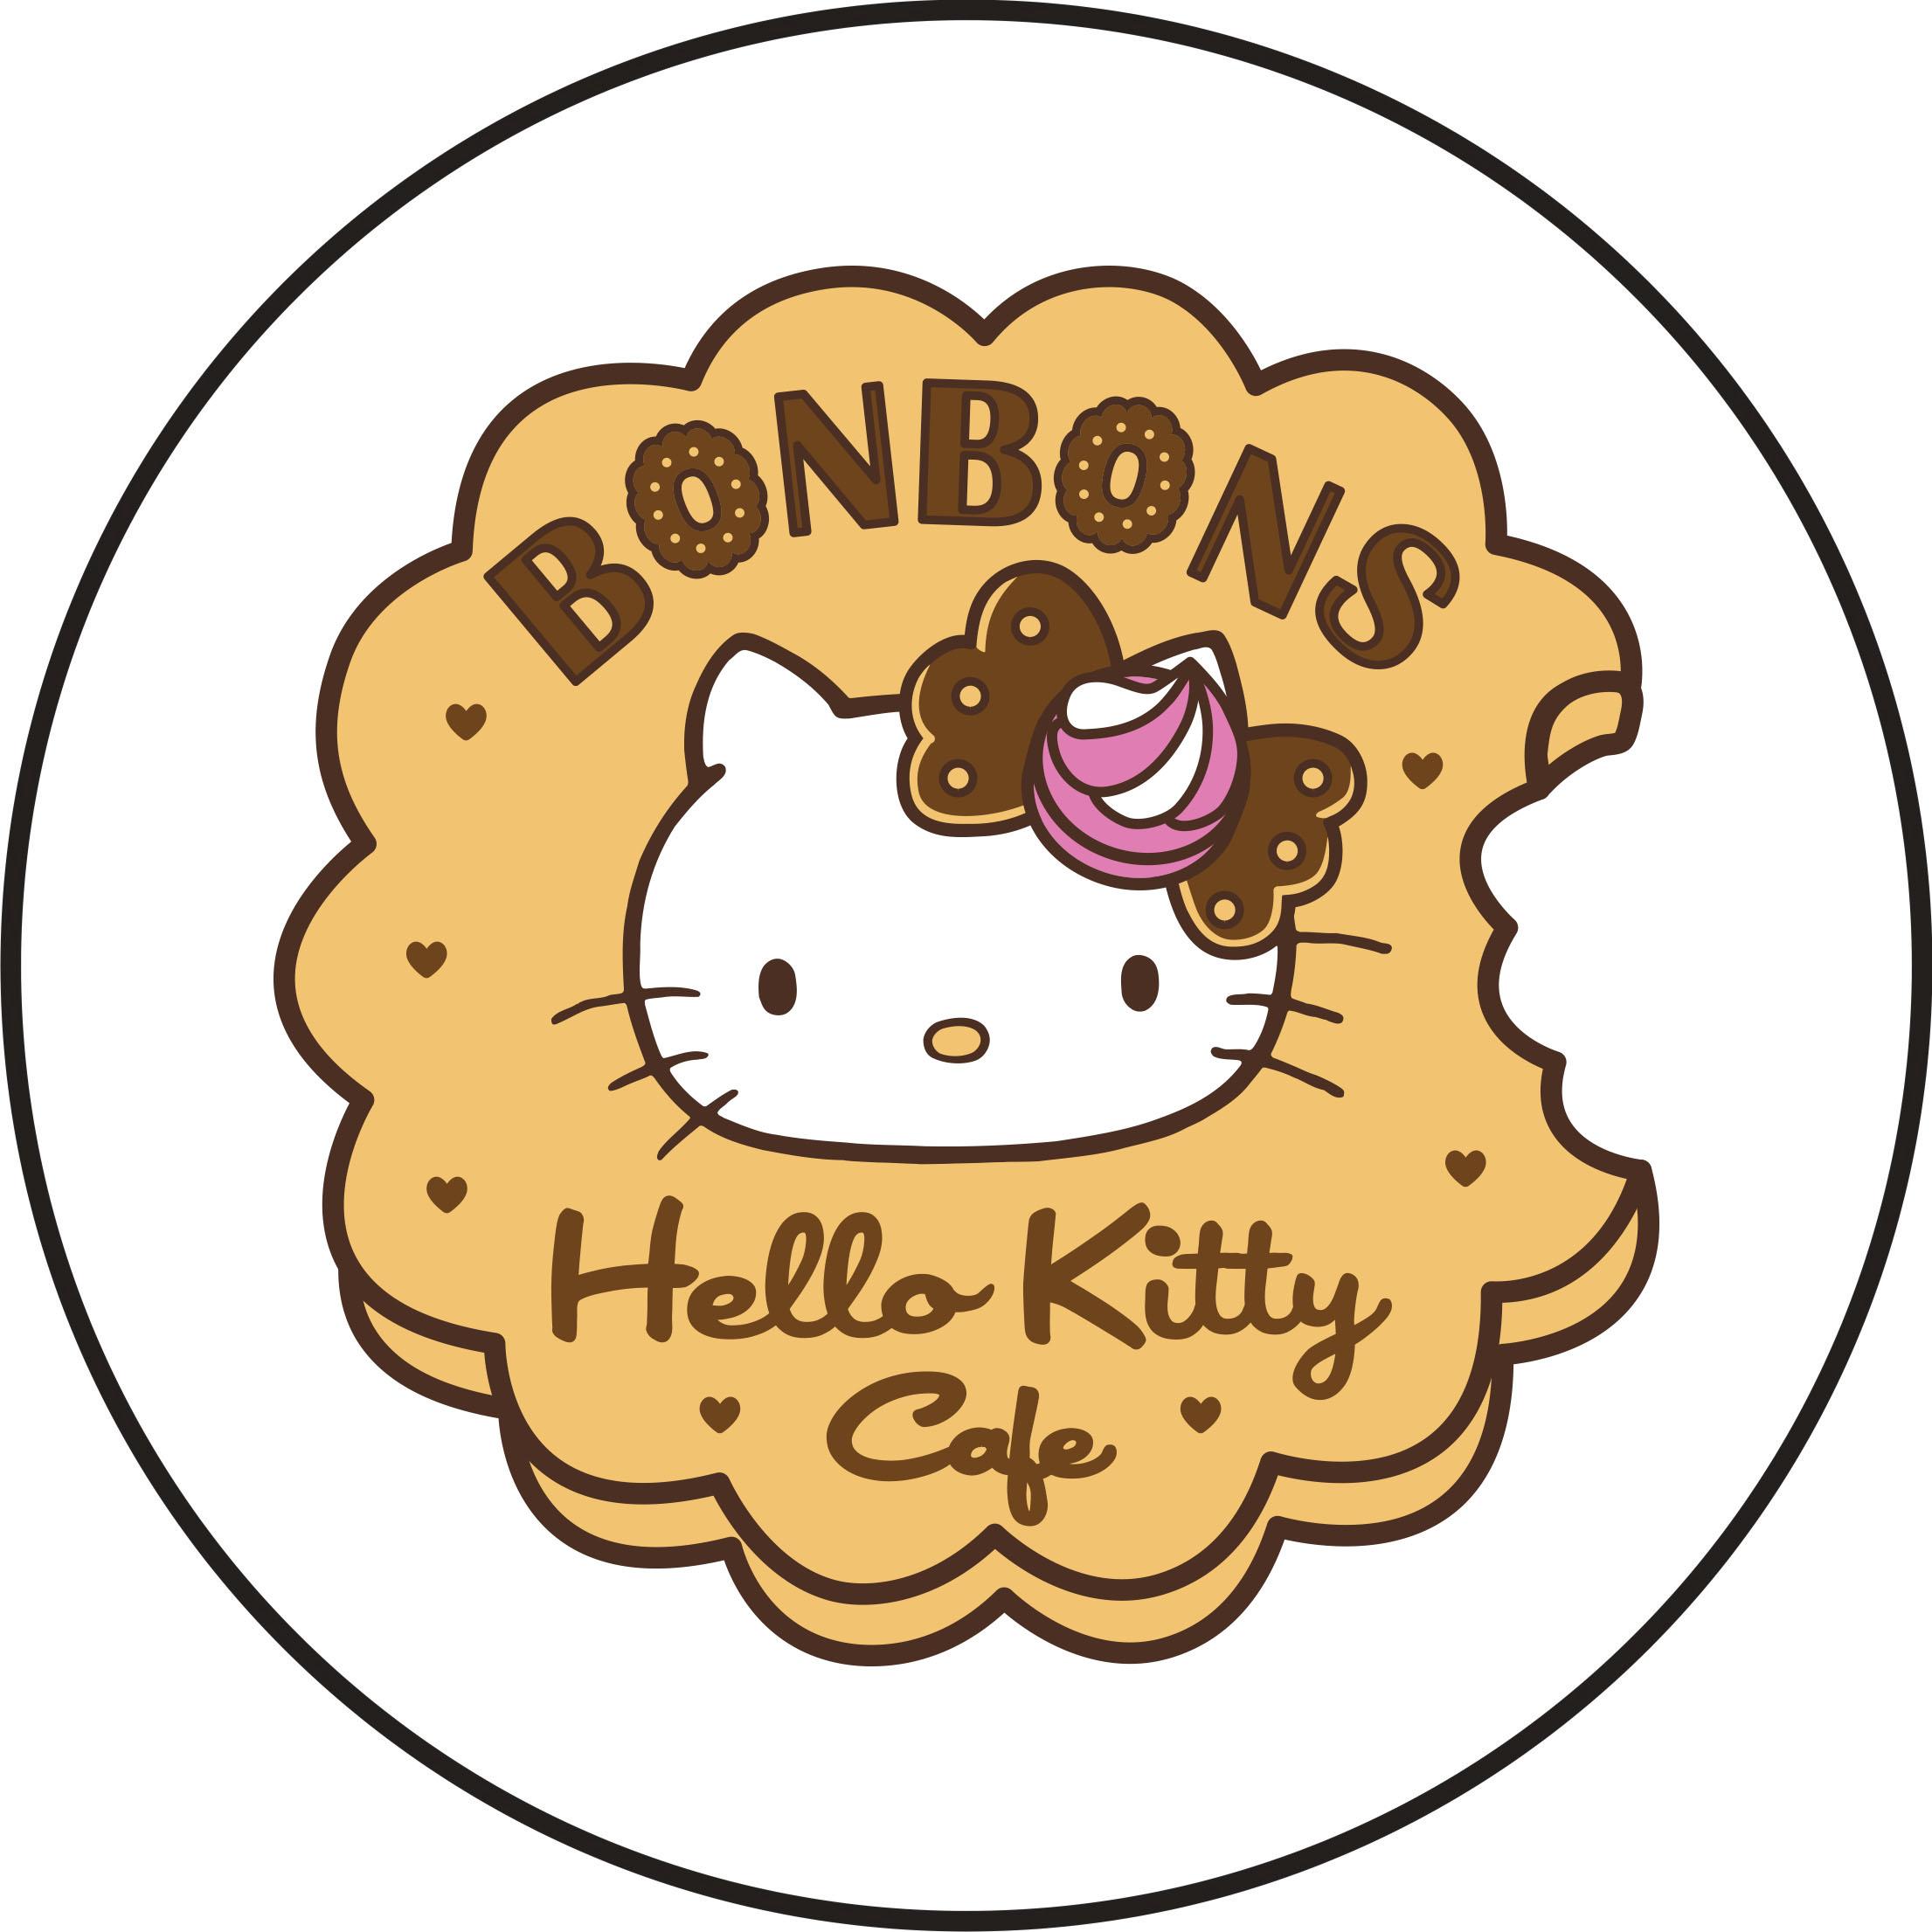 BonBons Hello Kitty Cafe